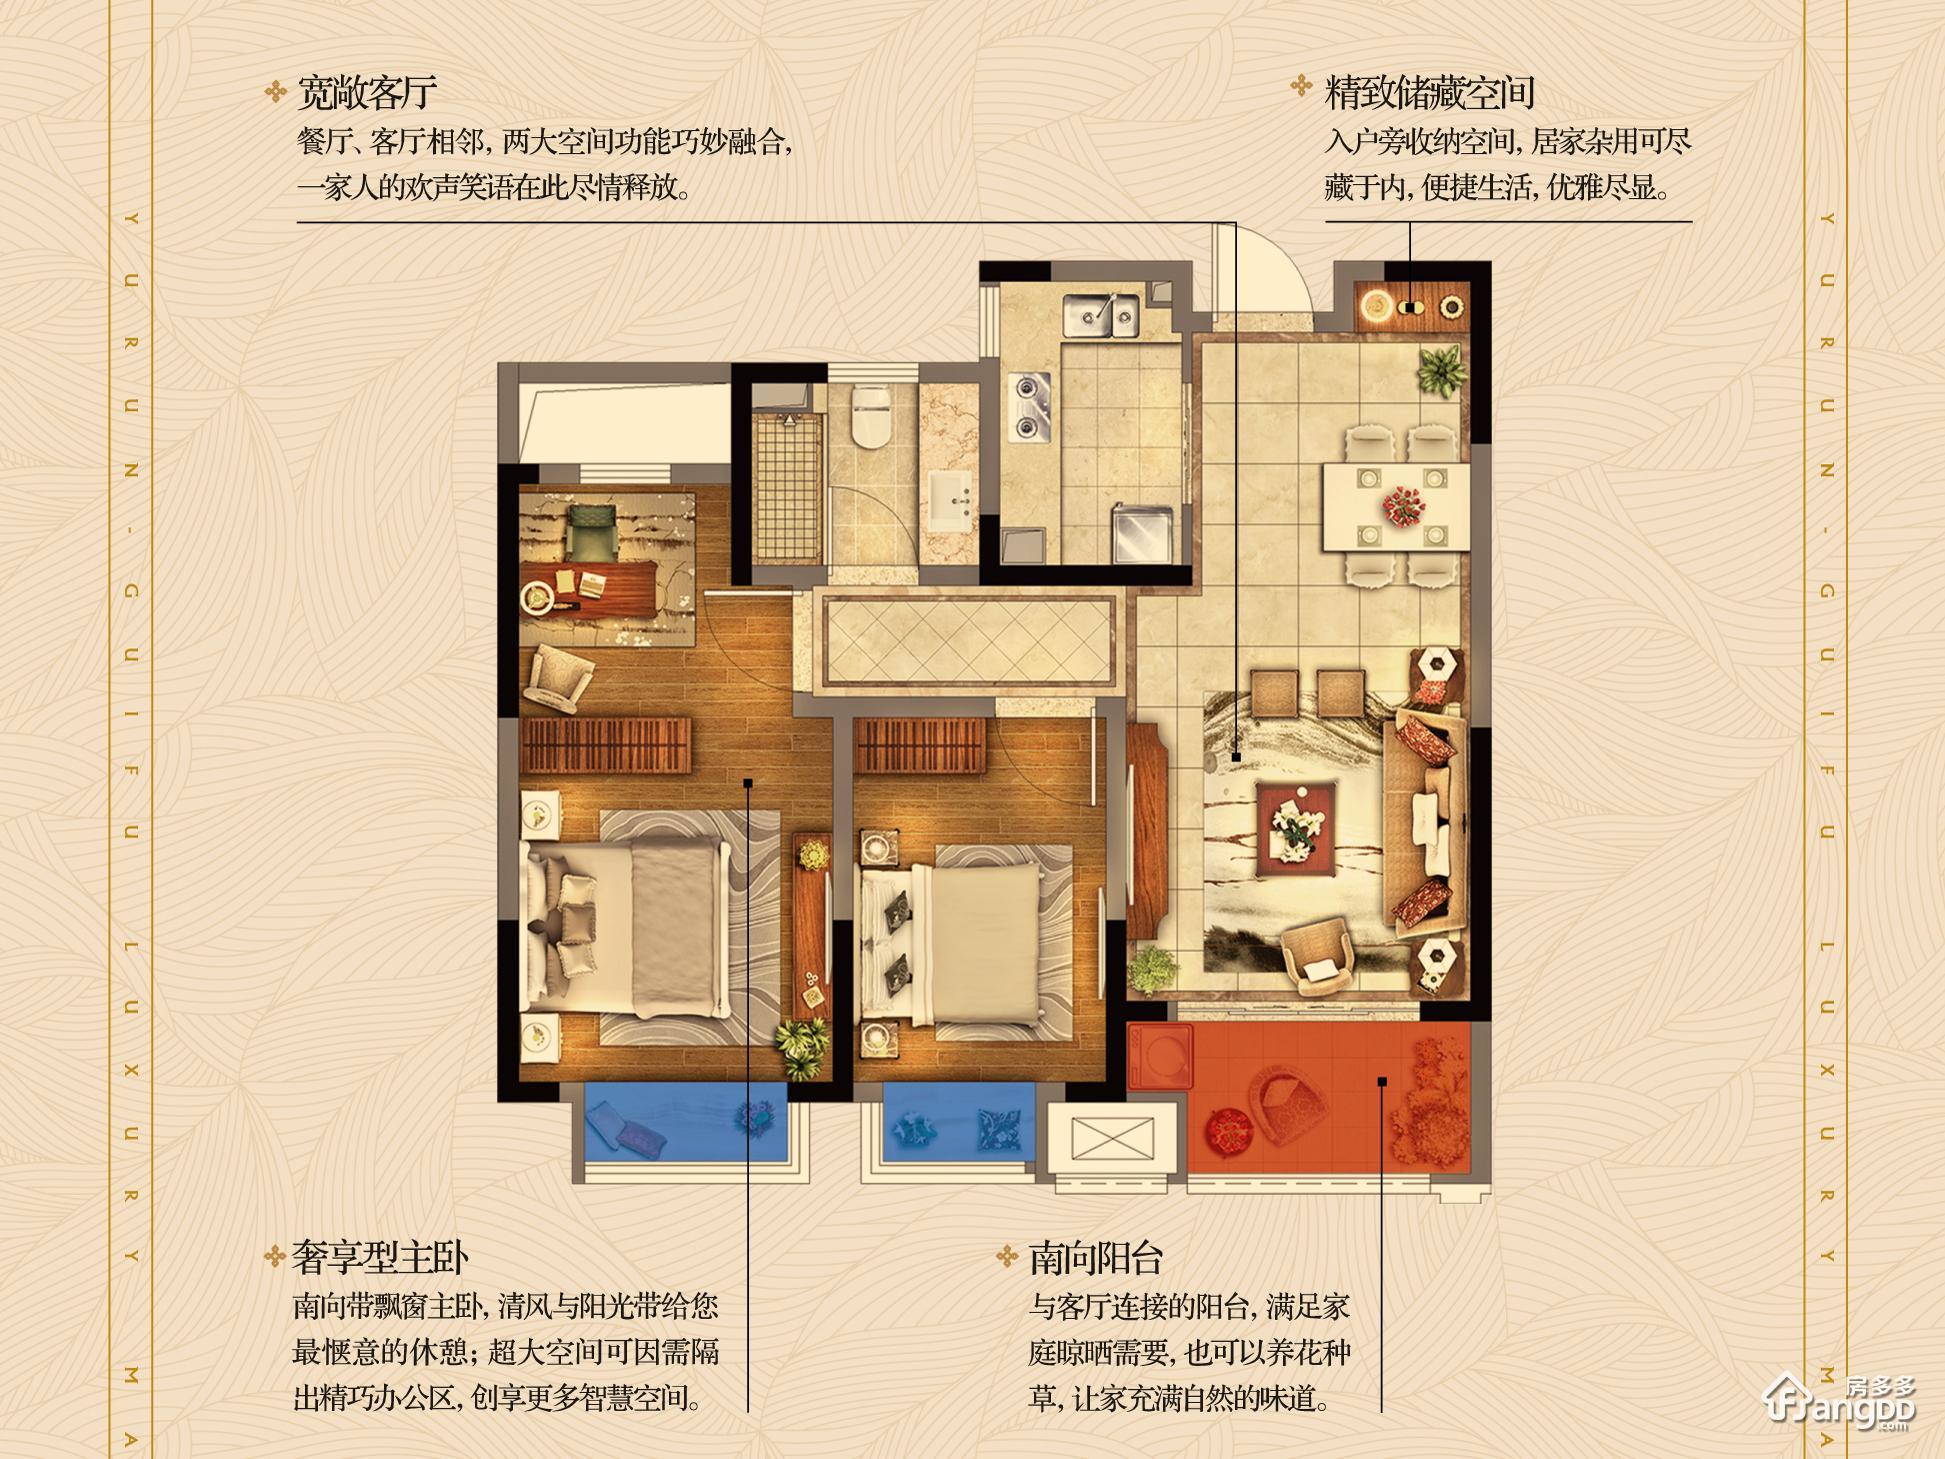 佳源桂府2室2厅1卫户型图